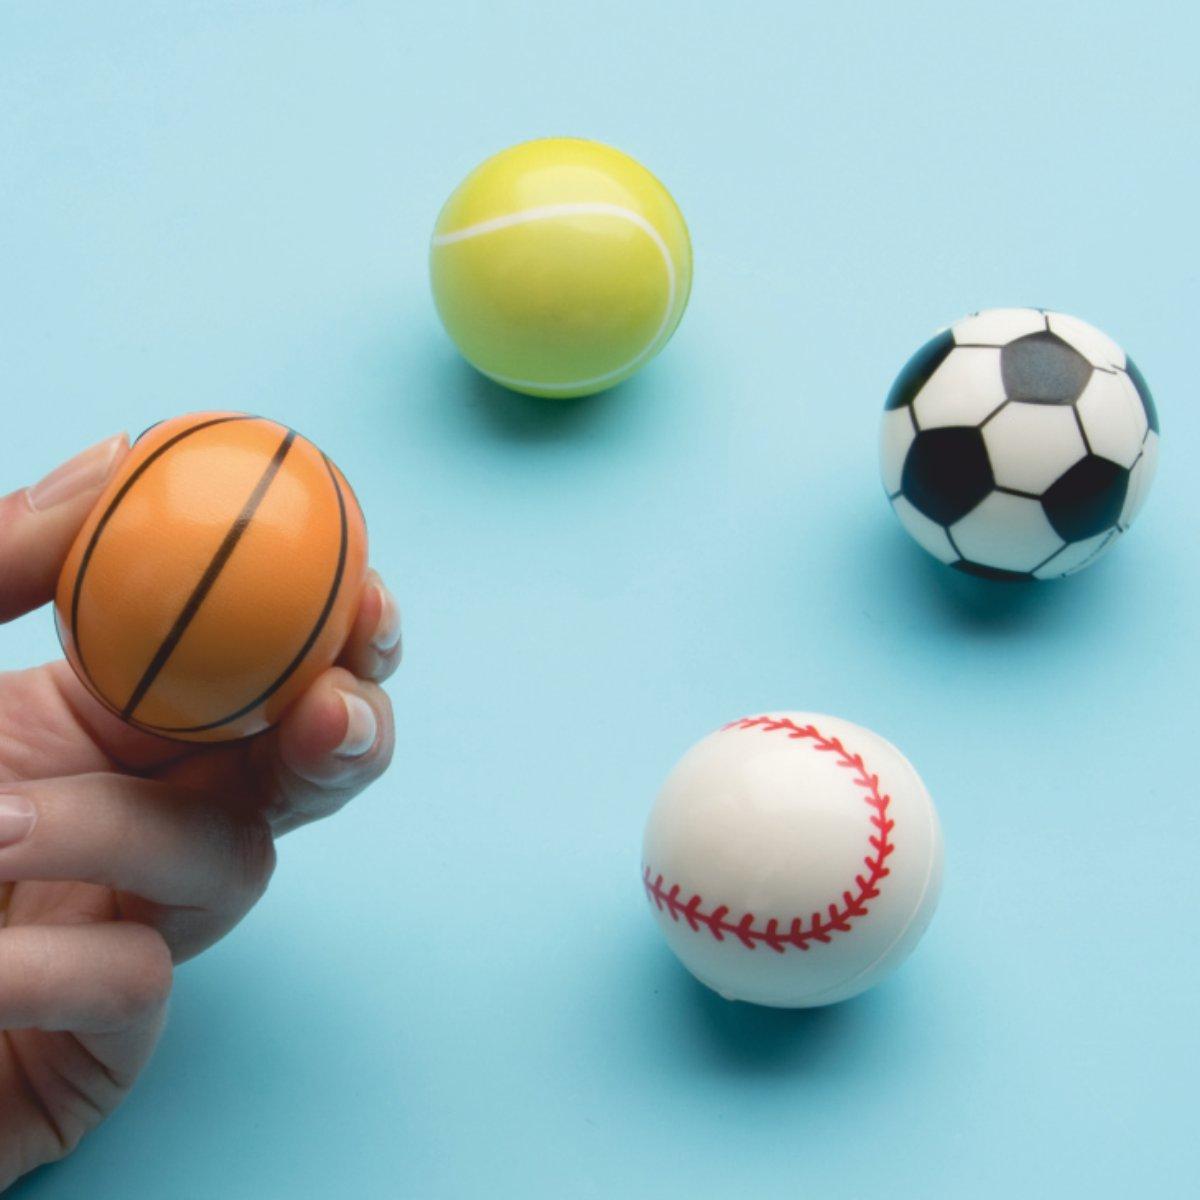 Fußball und Basketball